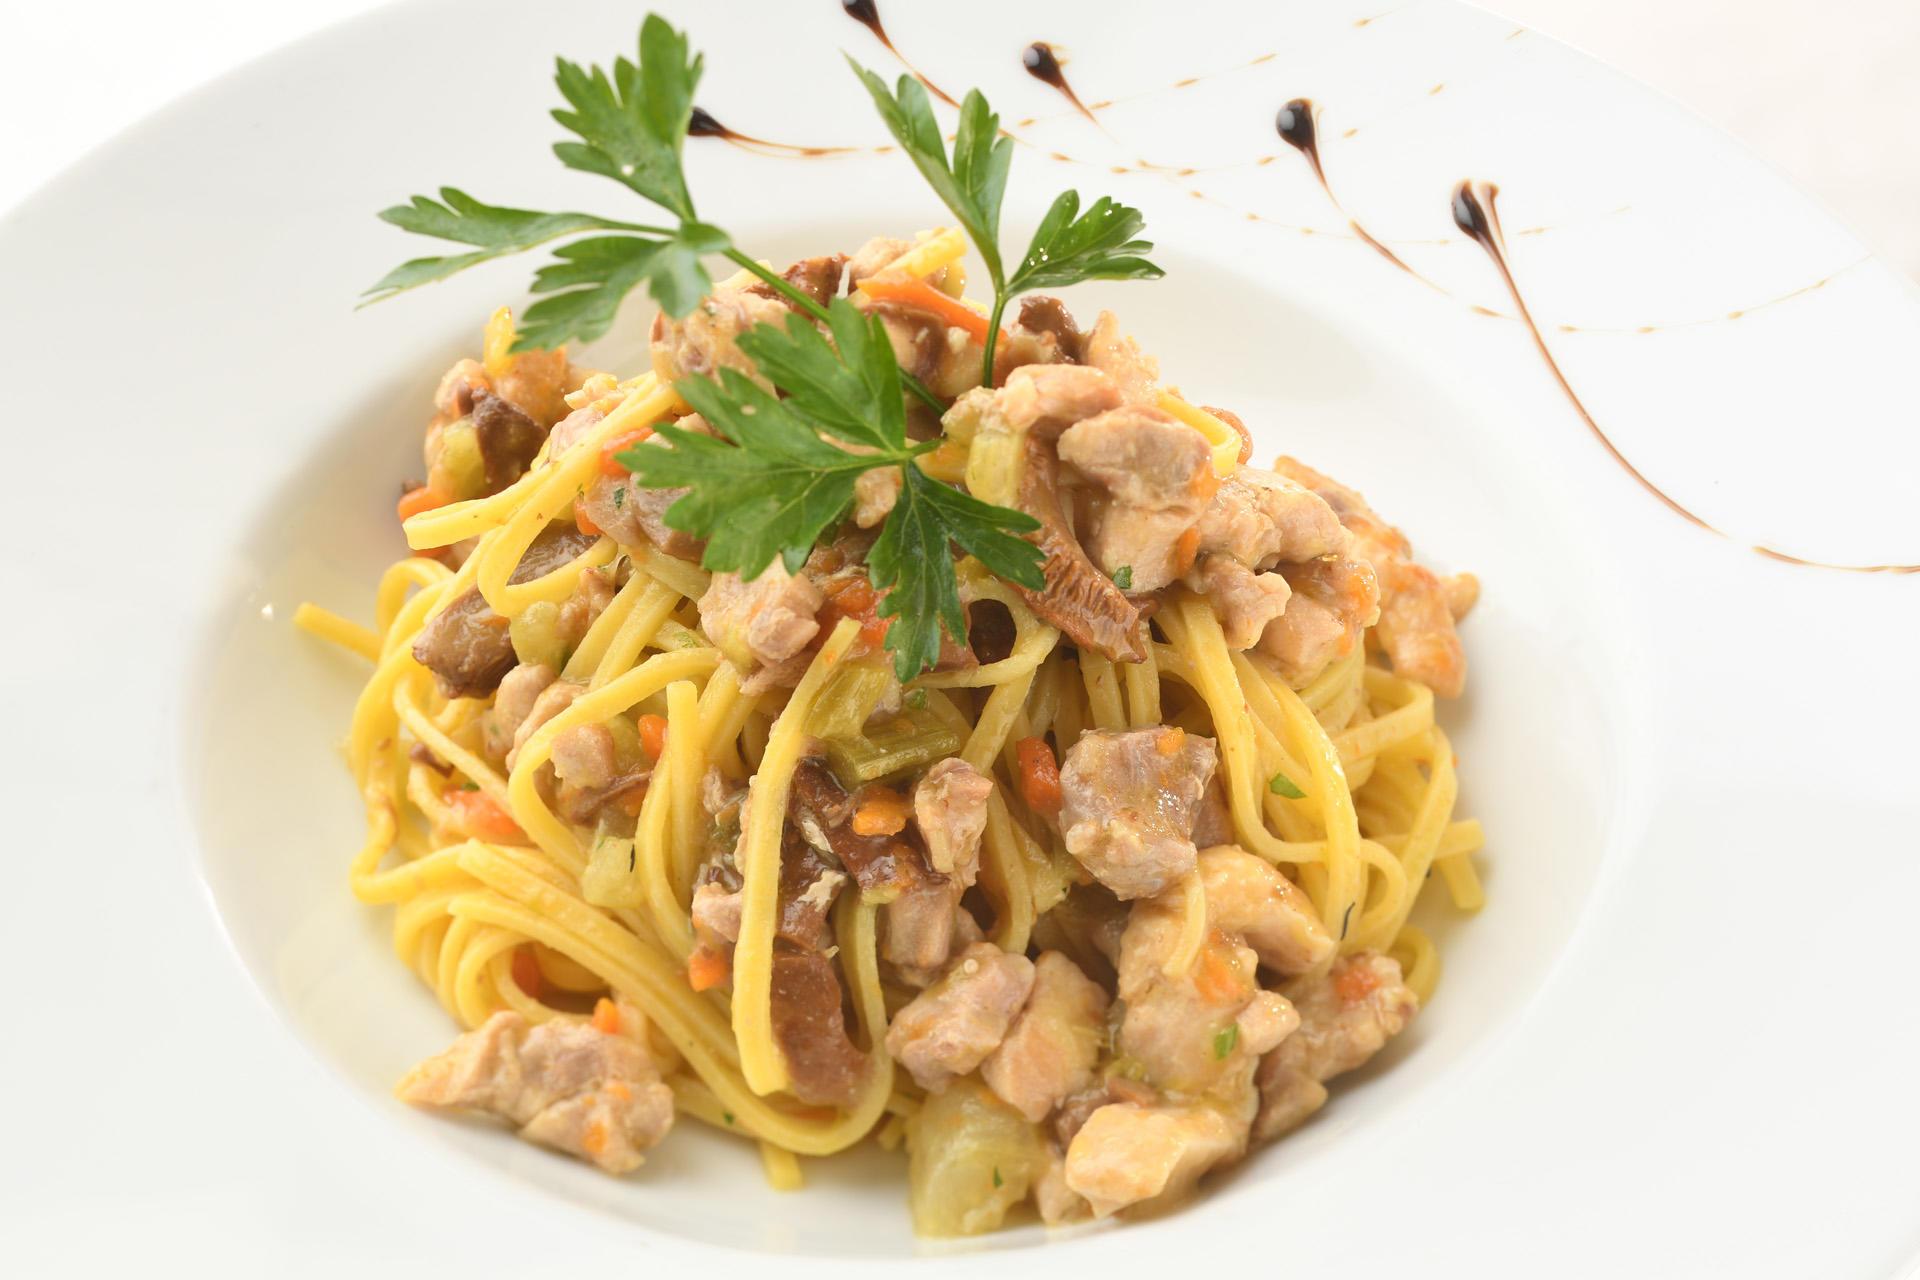 Piatti ristorante ristorante pizzeria doc for Piatti ristorante